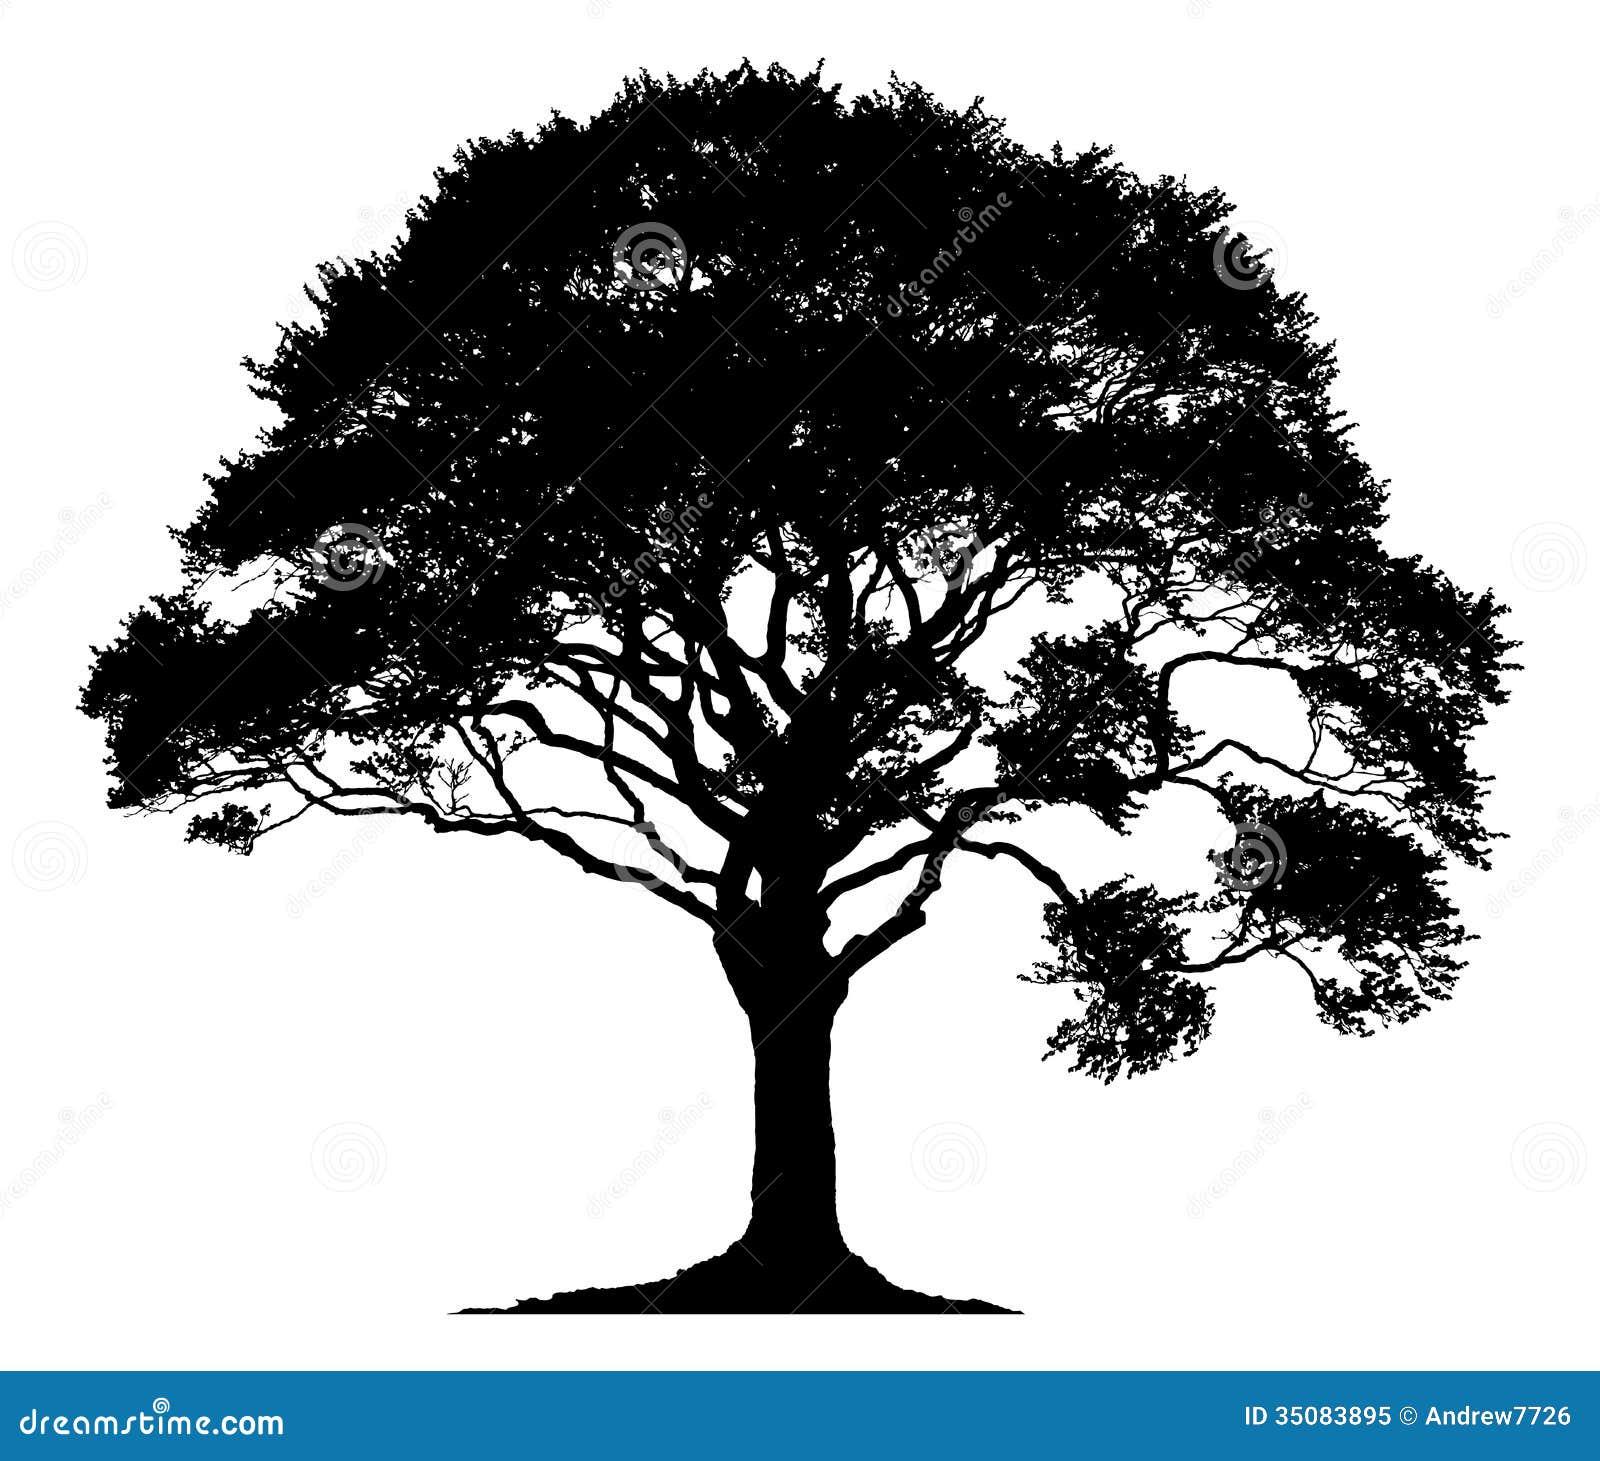 silhouette d 39 un arbre solitaire photo libre de droits image 35083895. Black Bedroom Furniture Sets. Home Design Ideas